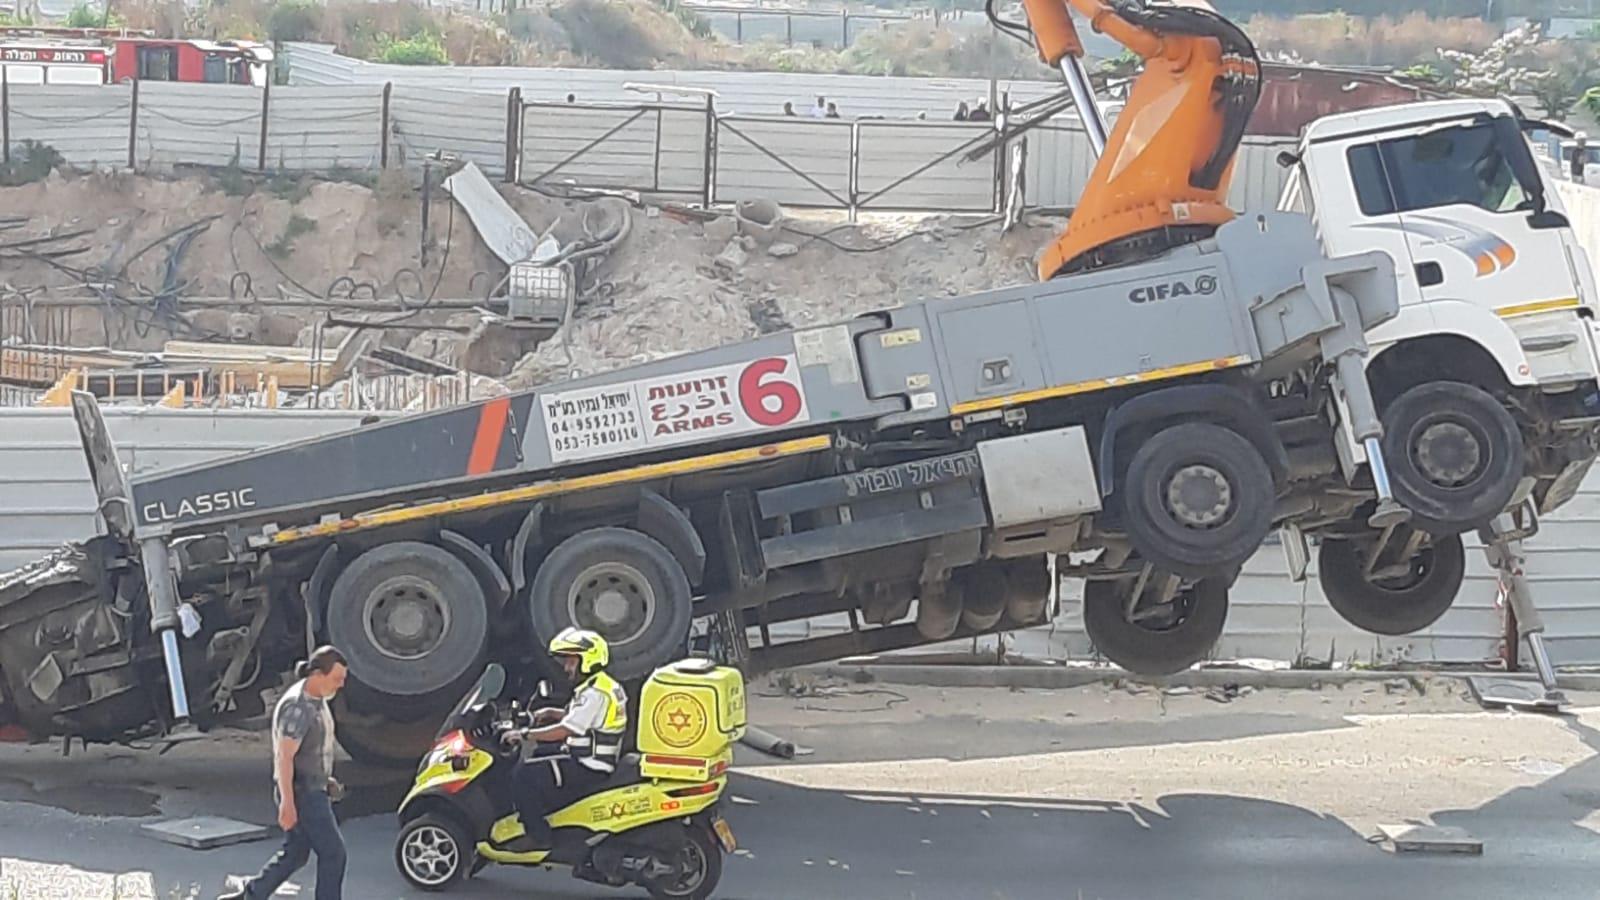 המשאית באתר הבניה במשכנות אומנים בקריית מוצקין. צילום: לילך דומיניץ